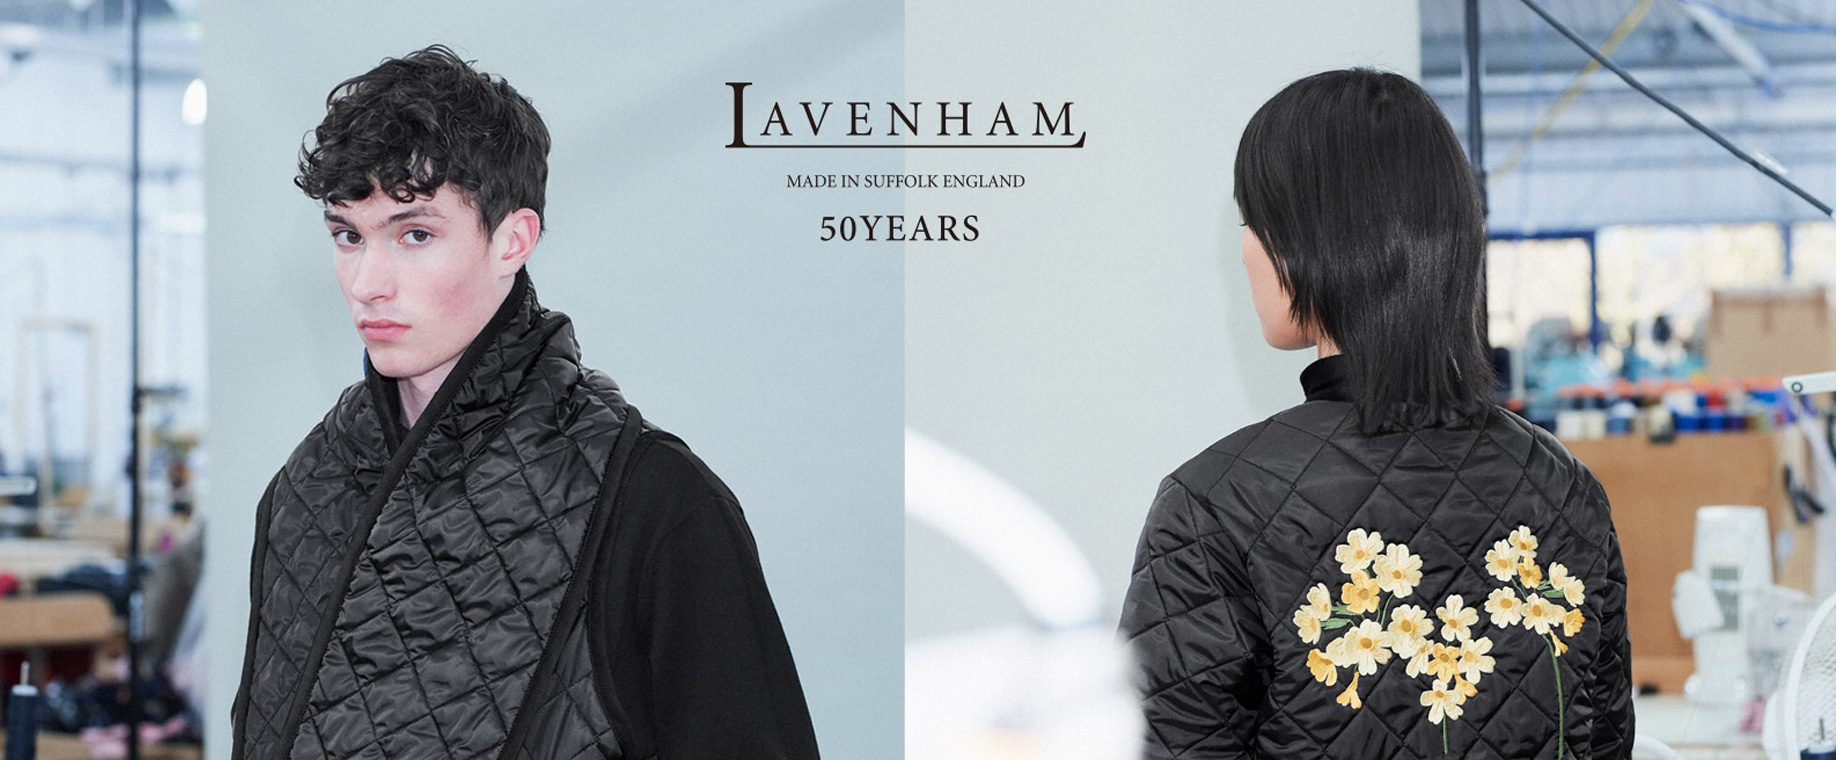 ラベンハム生誕50周年